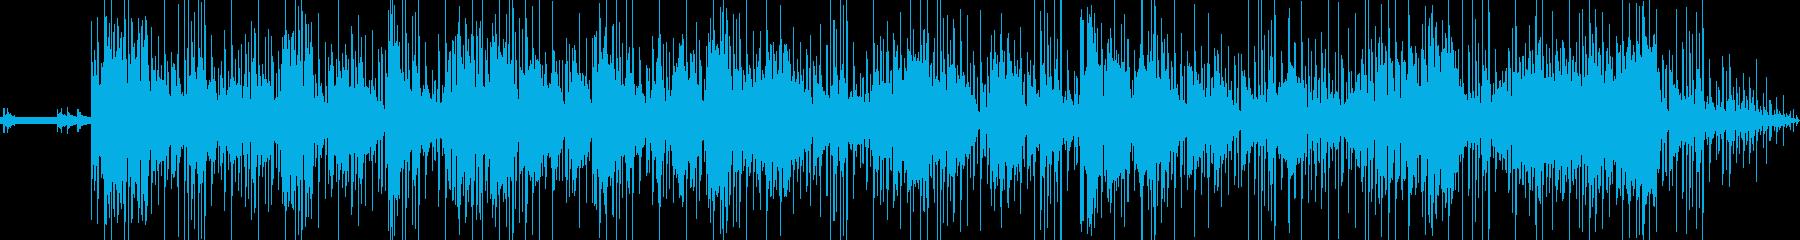 トラベルチャンネル、ディスカバリー...の再生済みの波形